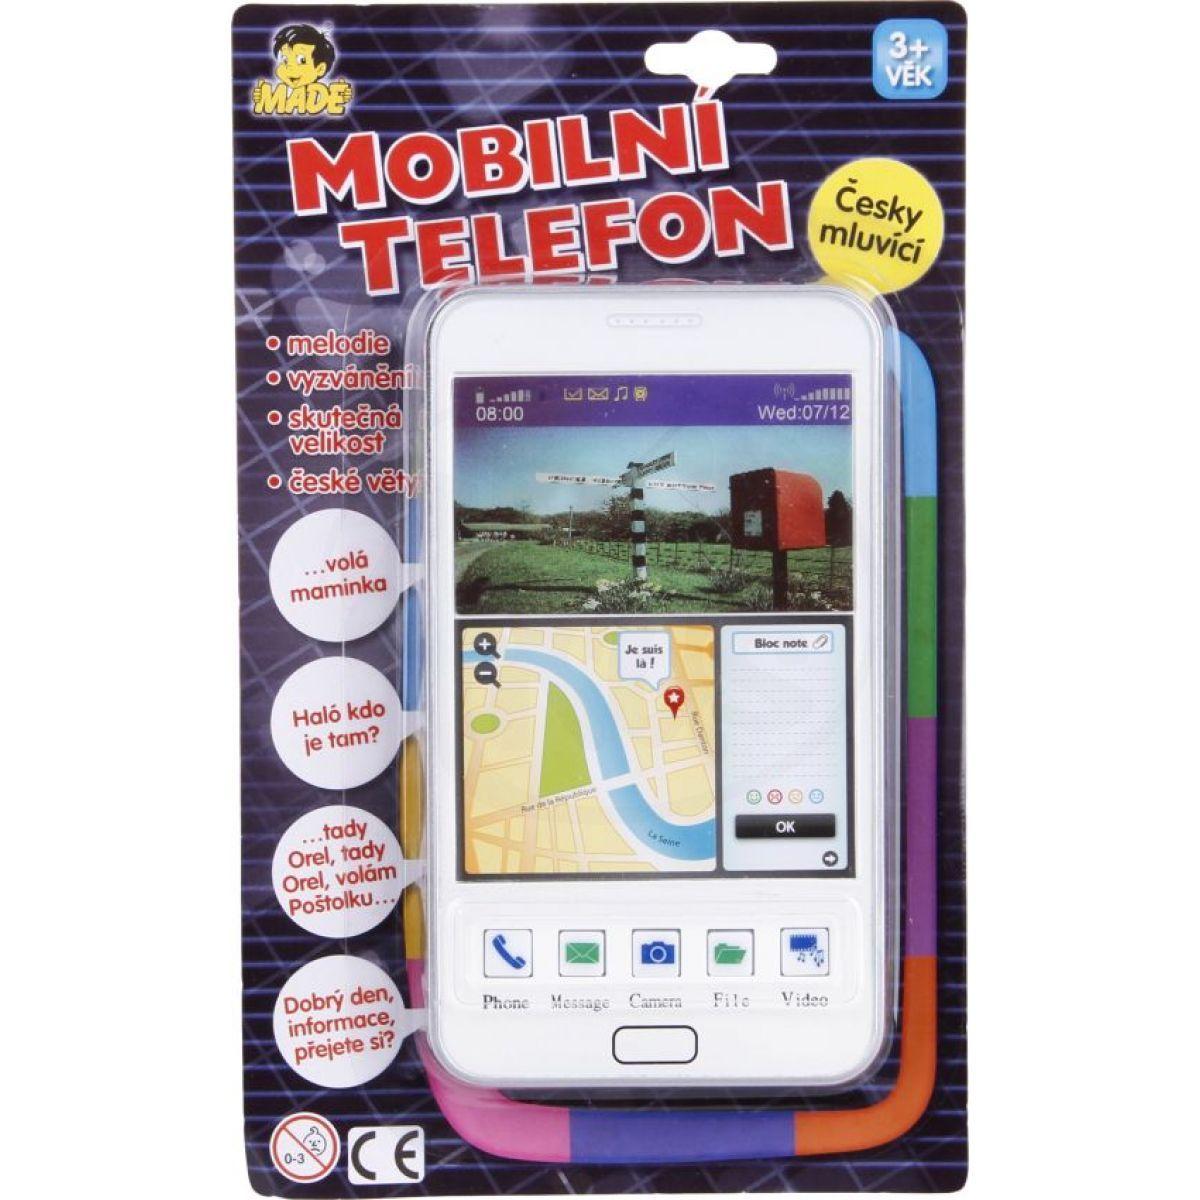 Made Mobilní telefon Bílá